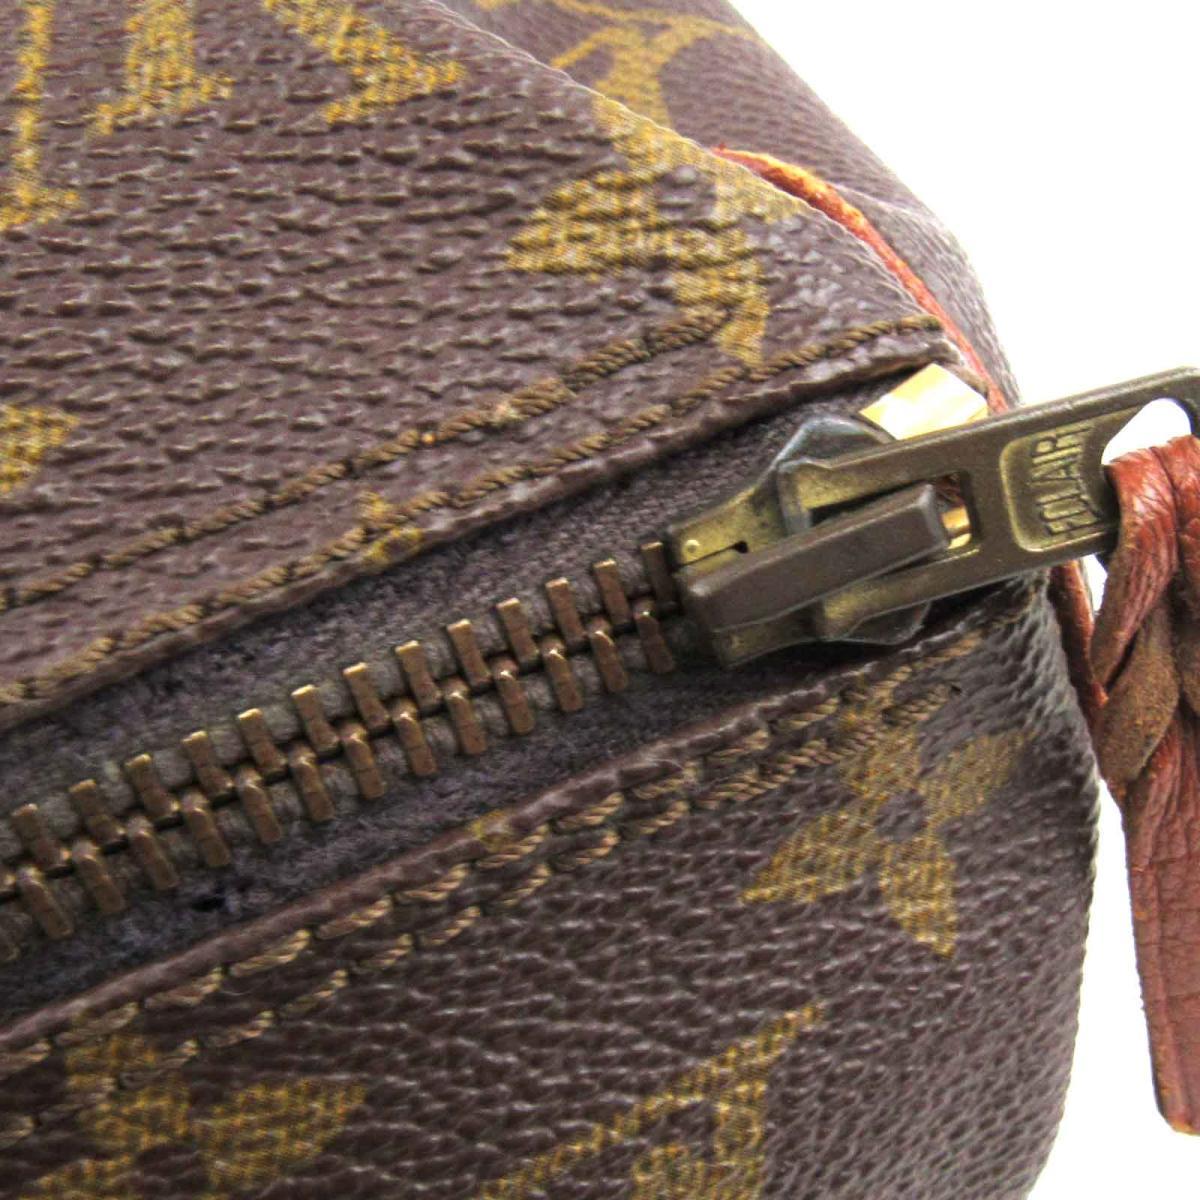 ルイヴィトン パピヨンGM ショルダーバッグ レディース モノグラムM51365LOUIS VUITTON BRANDOFF ブランドオフ ヴィトン ビトン ルイ・ヴィトン ブランド ブランドバッグ ブランドバック かばん バッグ バック ショルダーバック ショルダー 肩かけ6fYb7gy